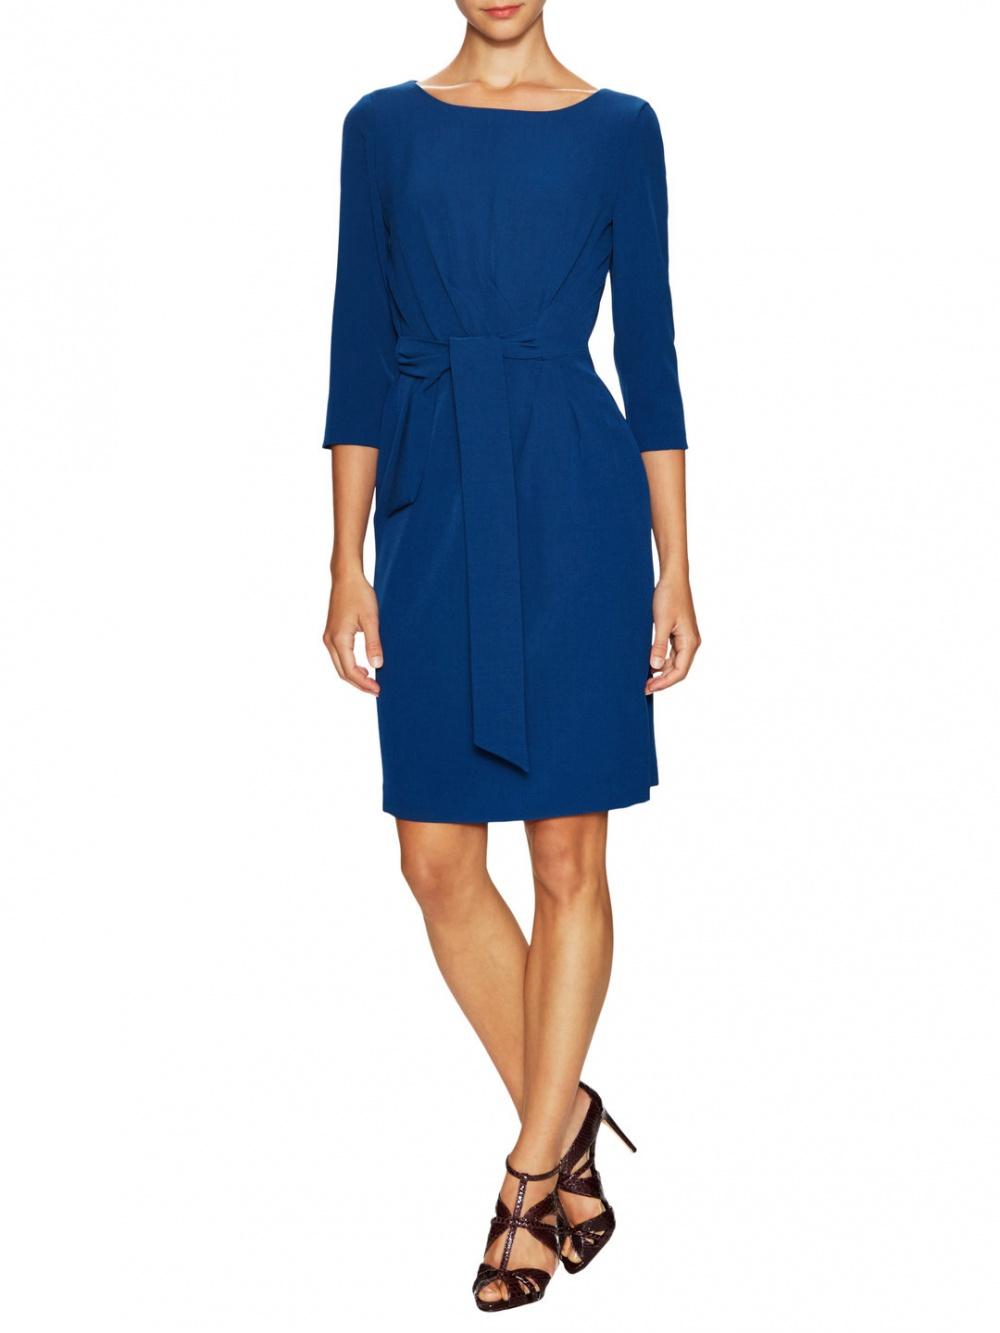 Платье фирмы Tahari ASL, синее, размер L (US10)